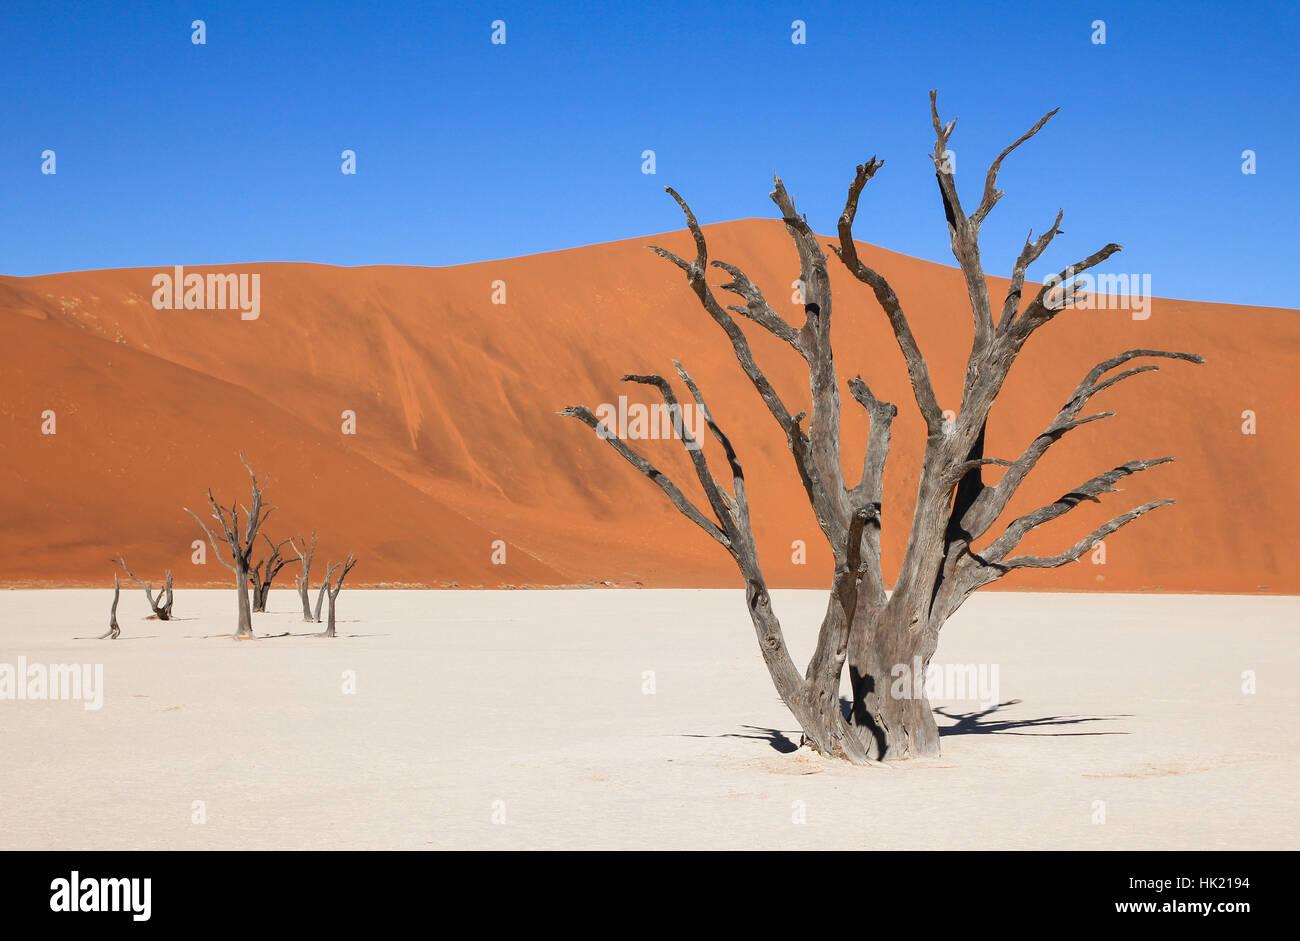 La ville pittoresque de Sossusvlei et Deadvlei. Gros sel et d'argile avec arbres d'Acacia tressé entouré par de majestueuses dunes de sable. Banque D'Images